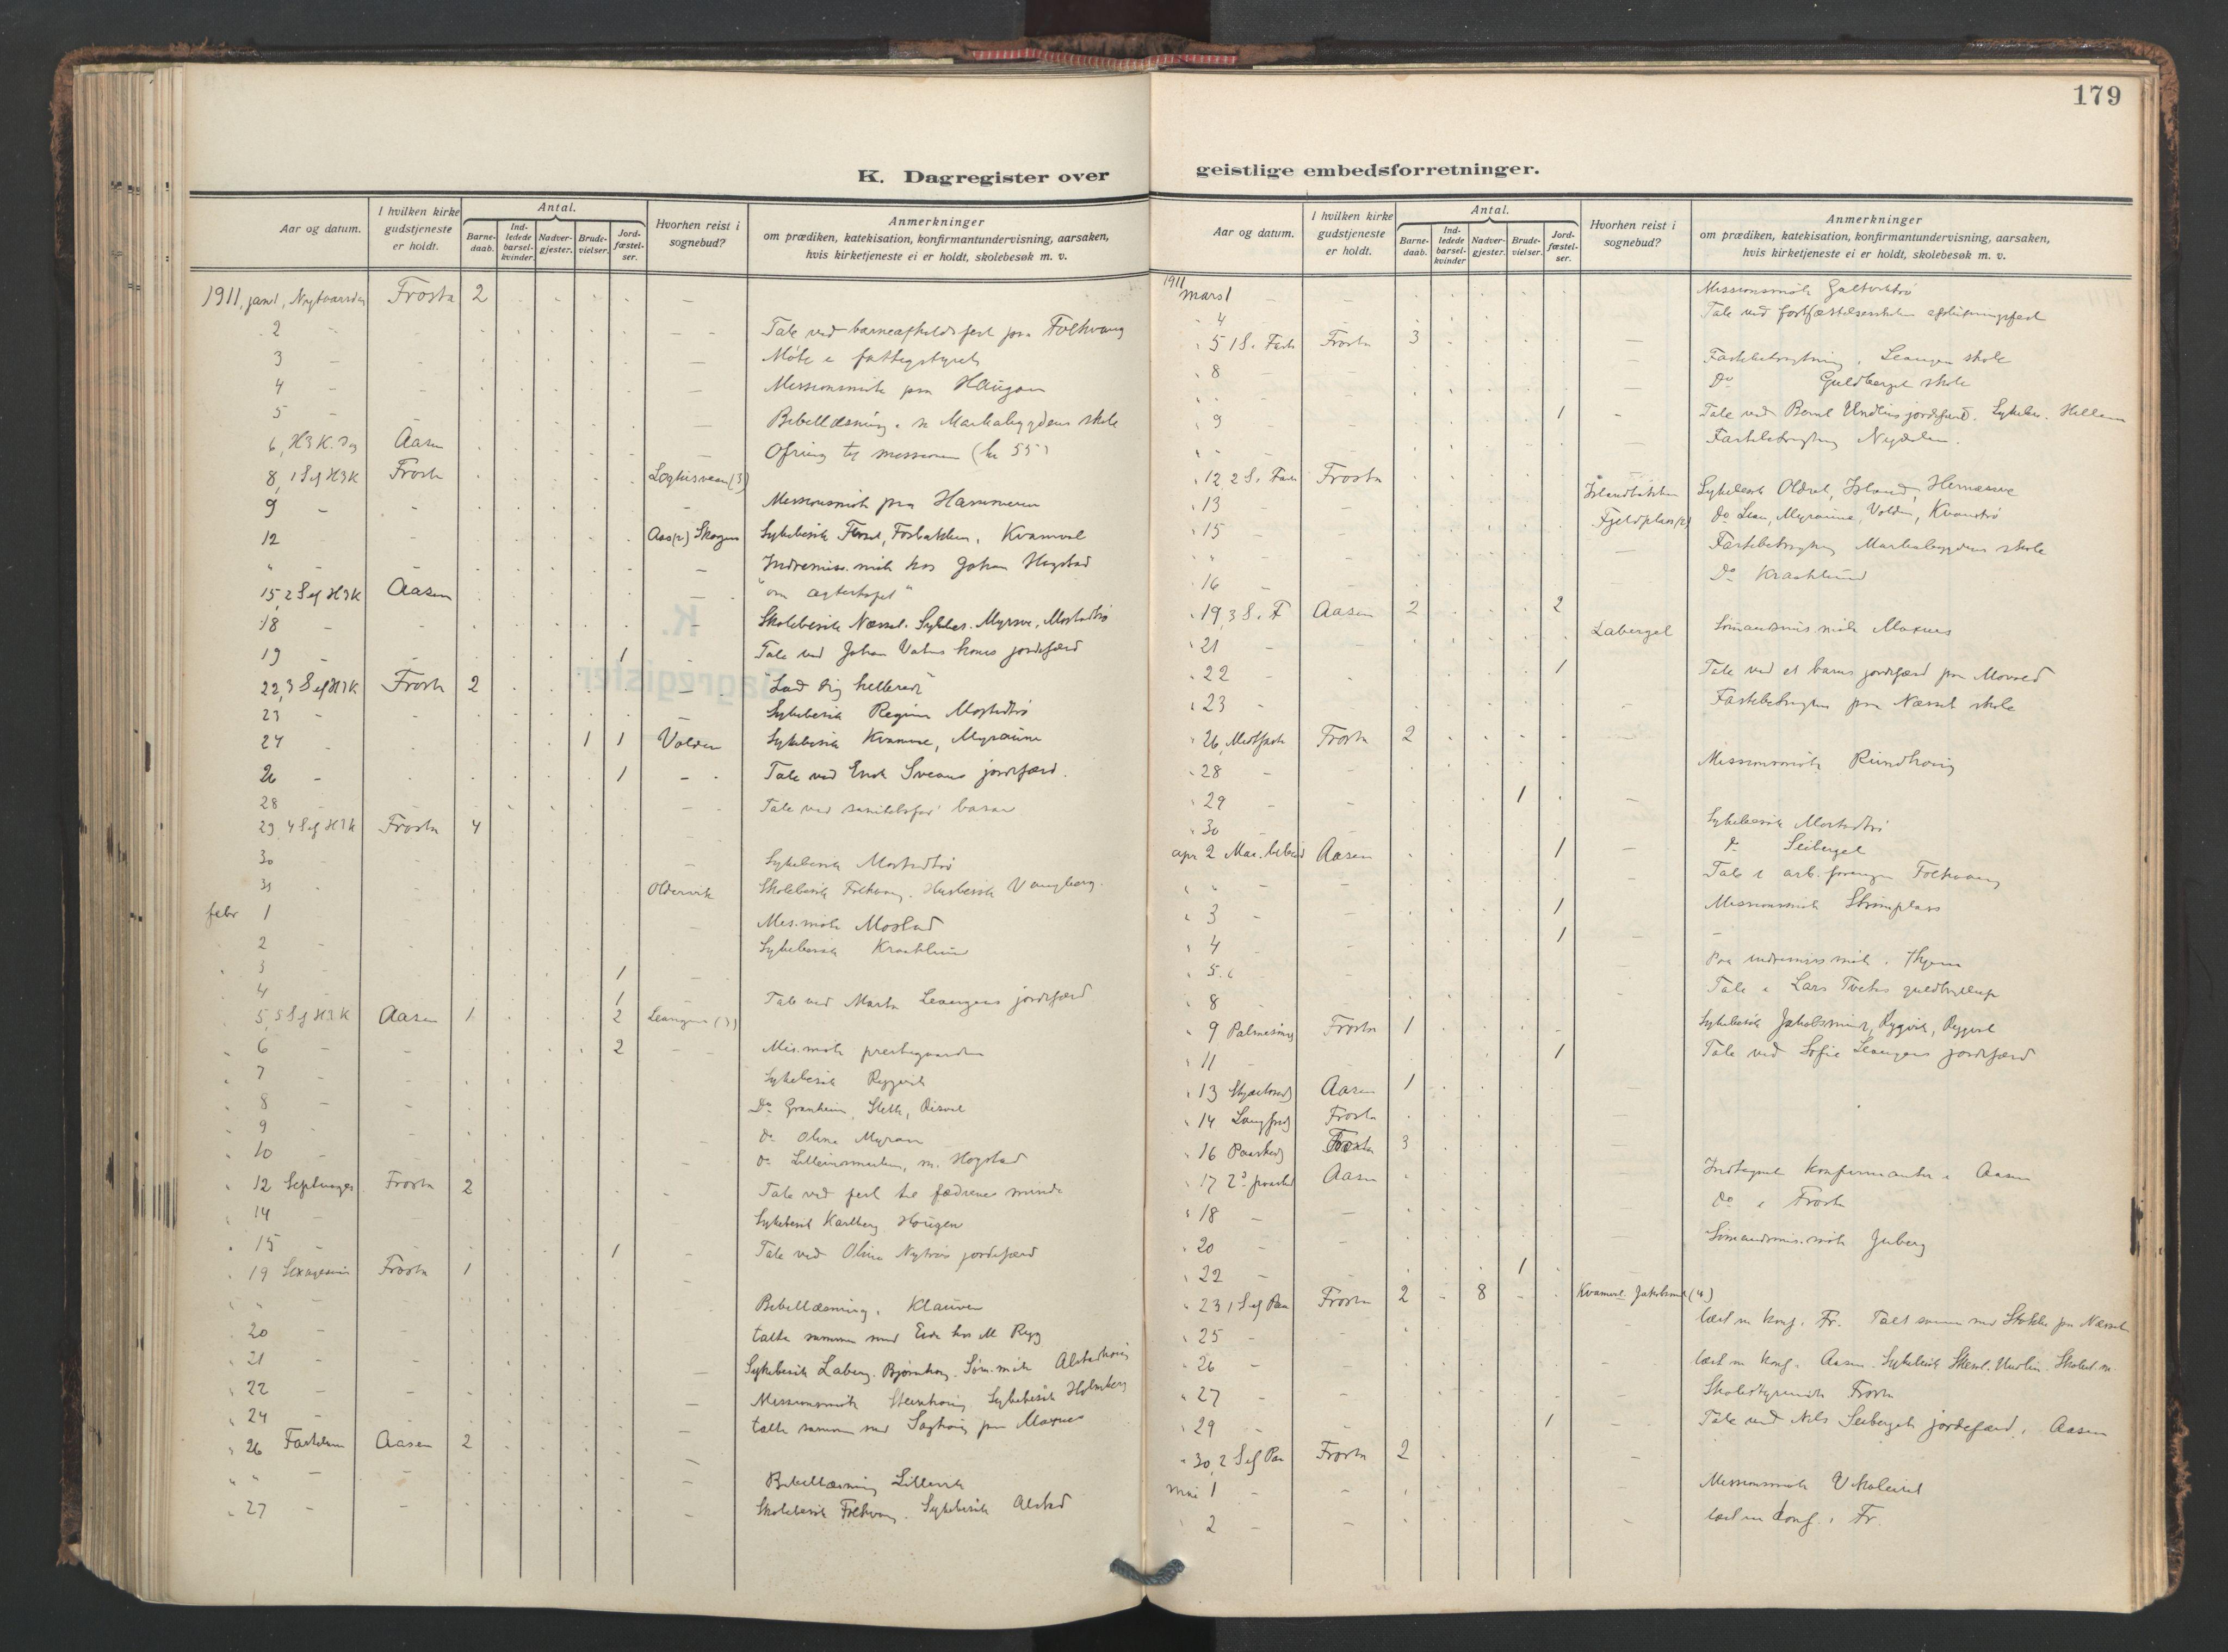 SAT, Ministerialprotokoller, klokkerbøker og fødselsregistre - Nord-Trøndelag, 713/L0123: Ministerialbok nr. 713A12, 1911-1925, s. 179